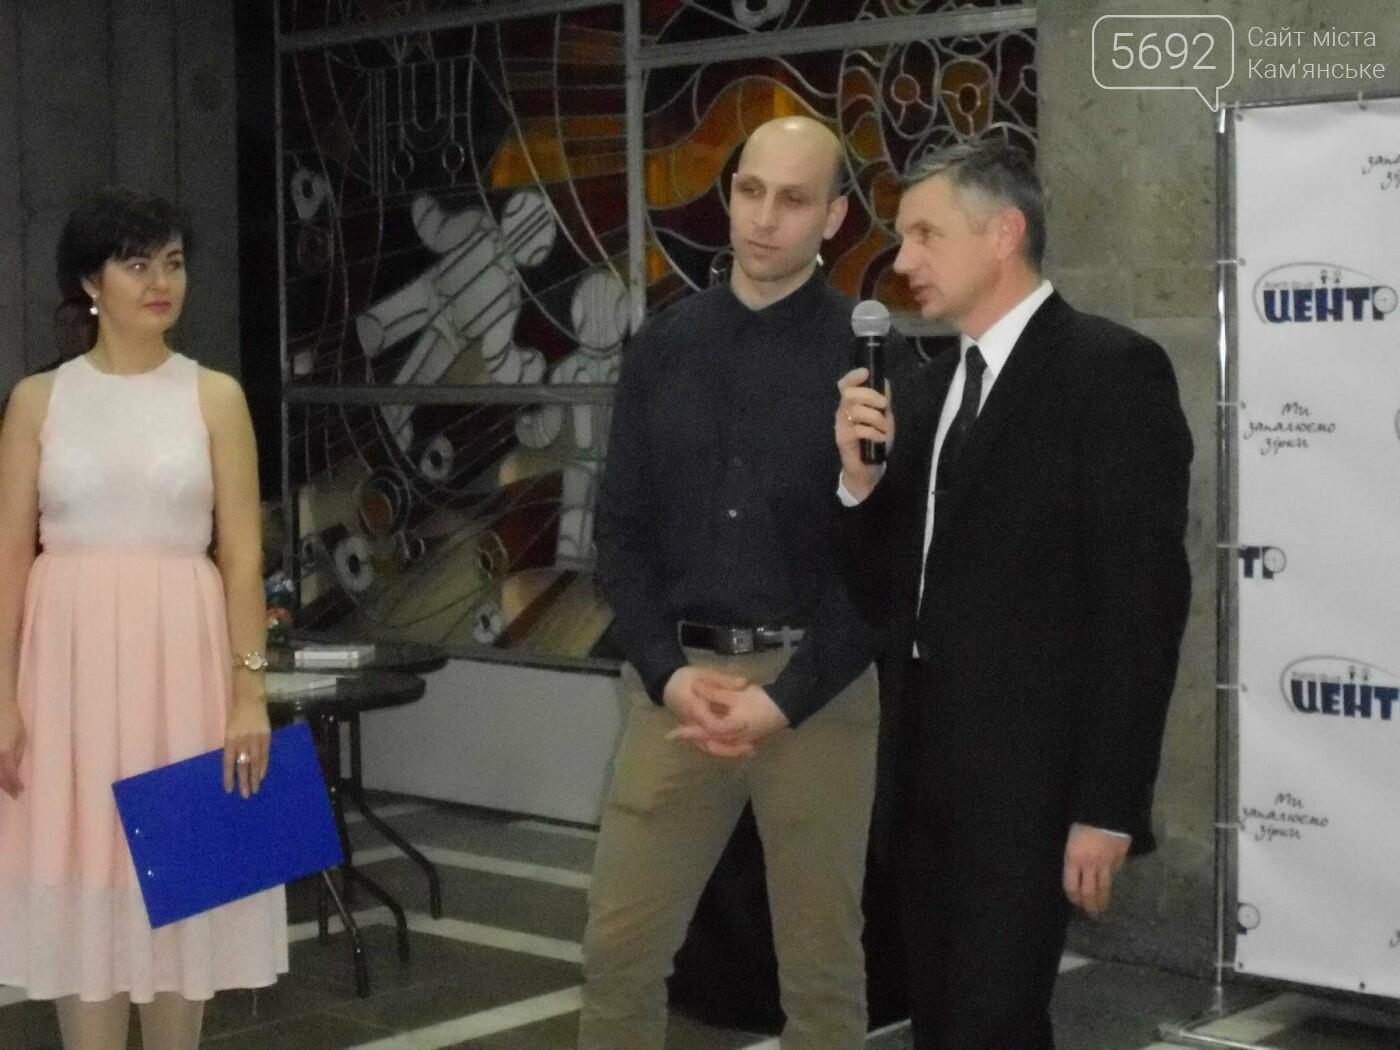 От пластилина до искусства: в Каменском открылась выставка скульптора Сергея Болдова, фото-11